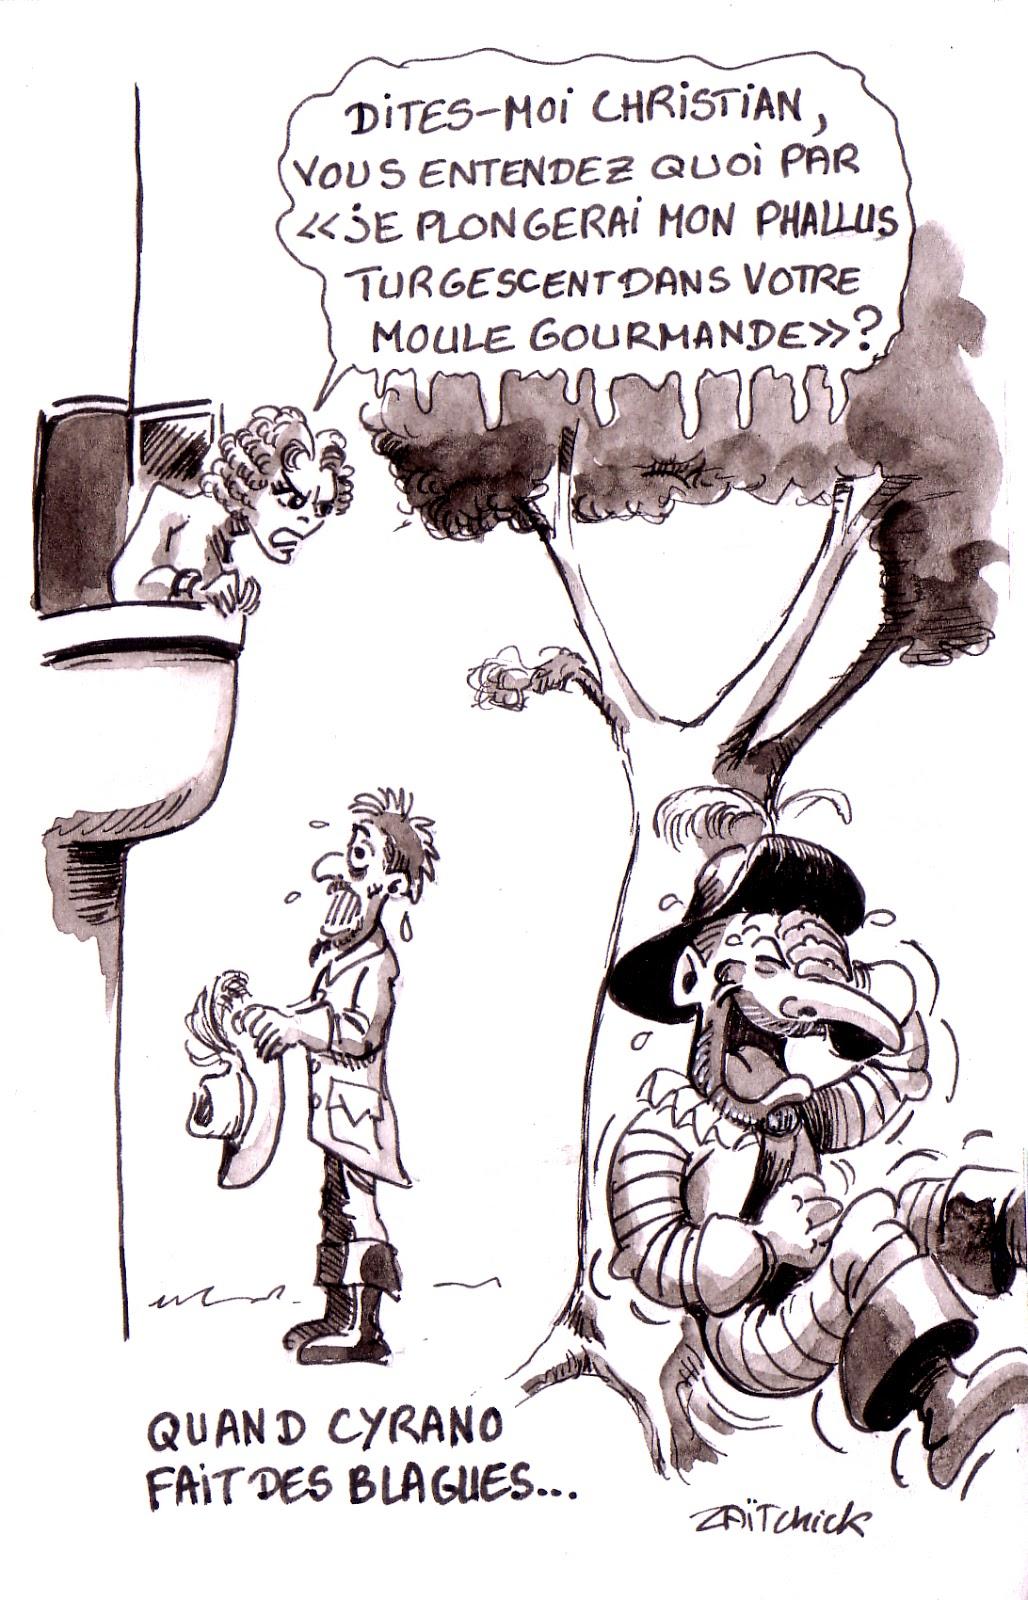 dessin humoristique sur Cyrano de Bergerac faisant une blague à Christian